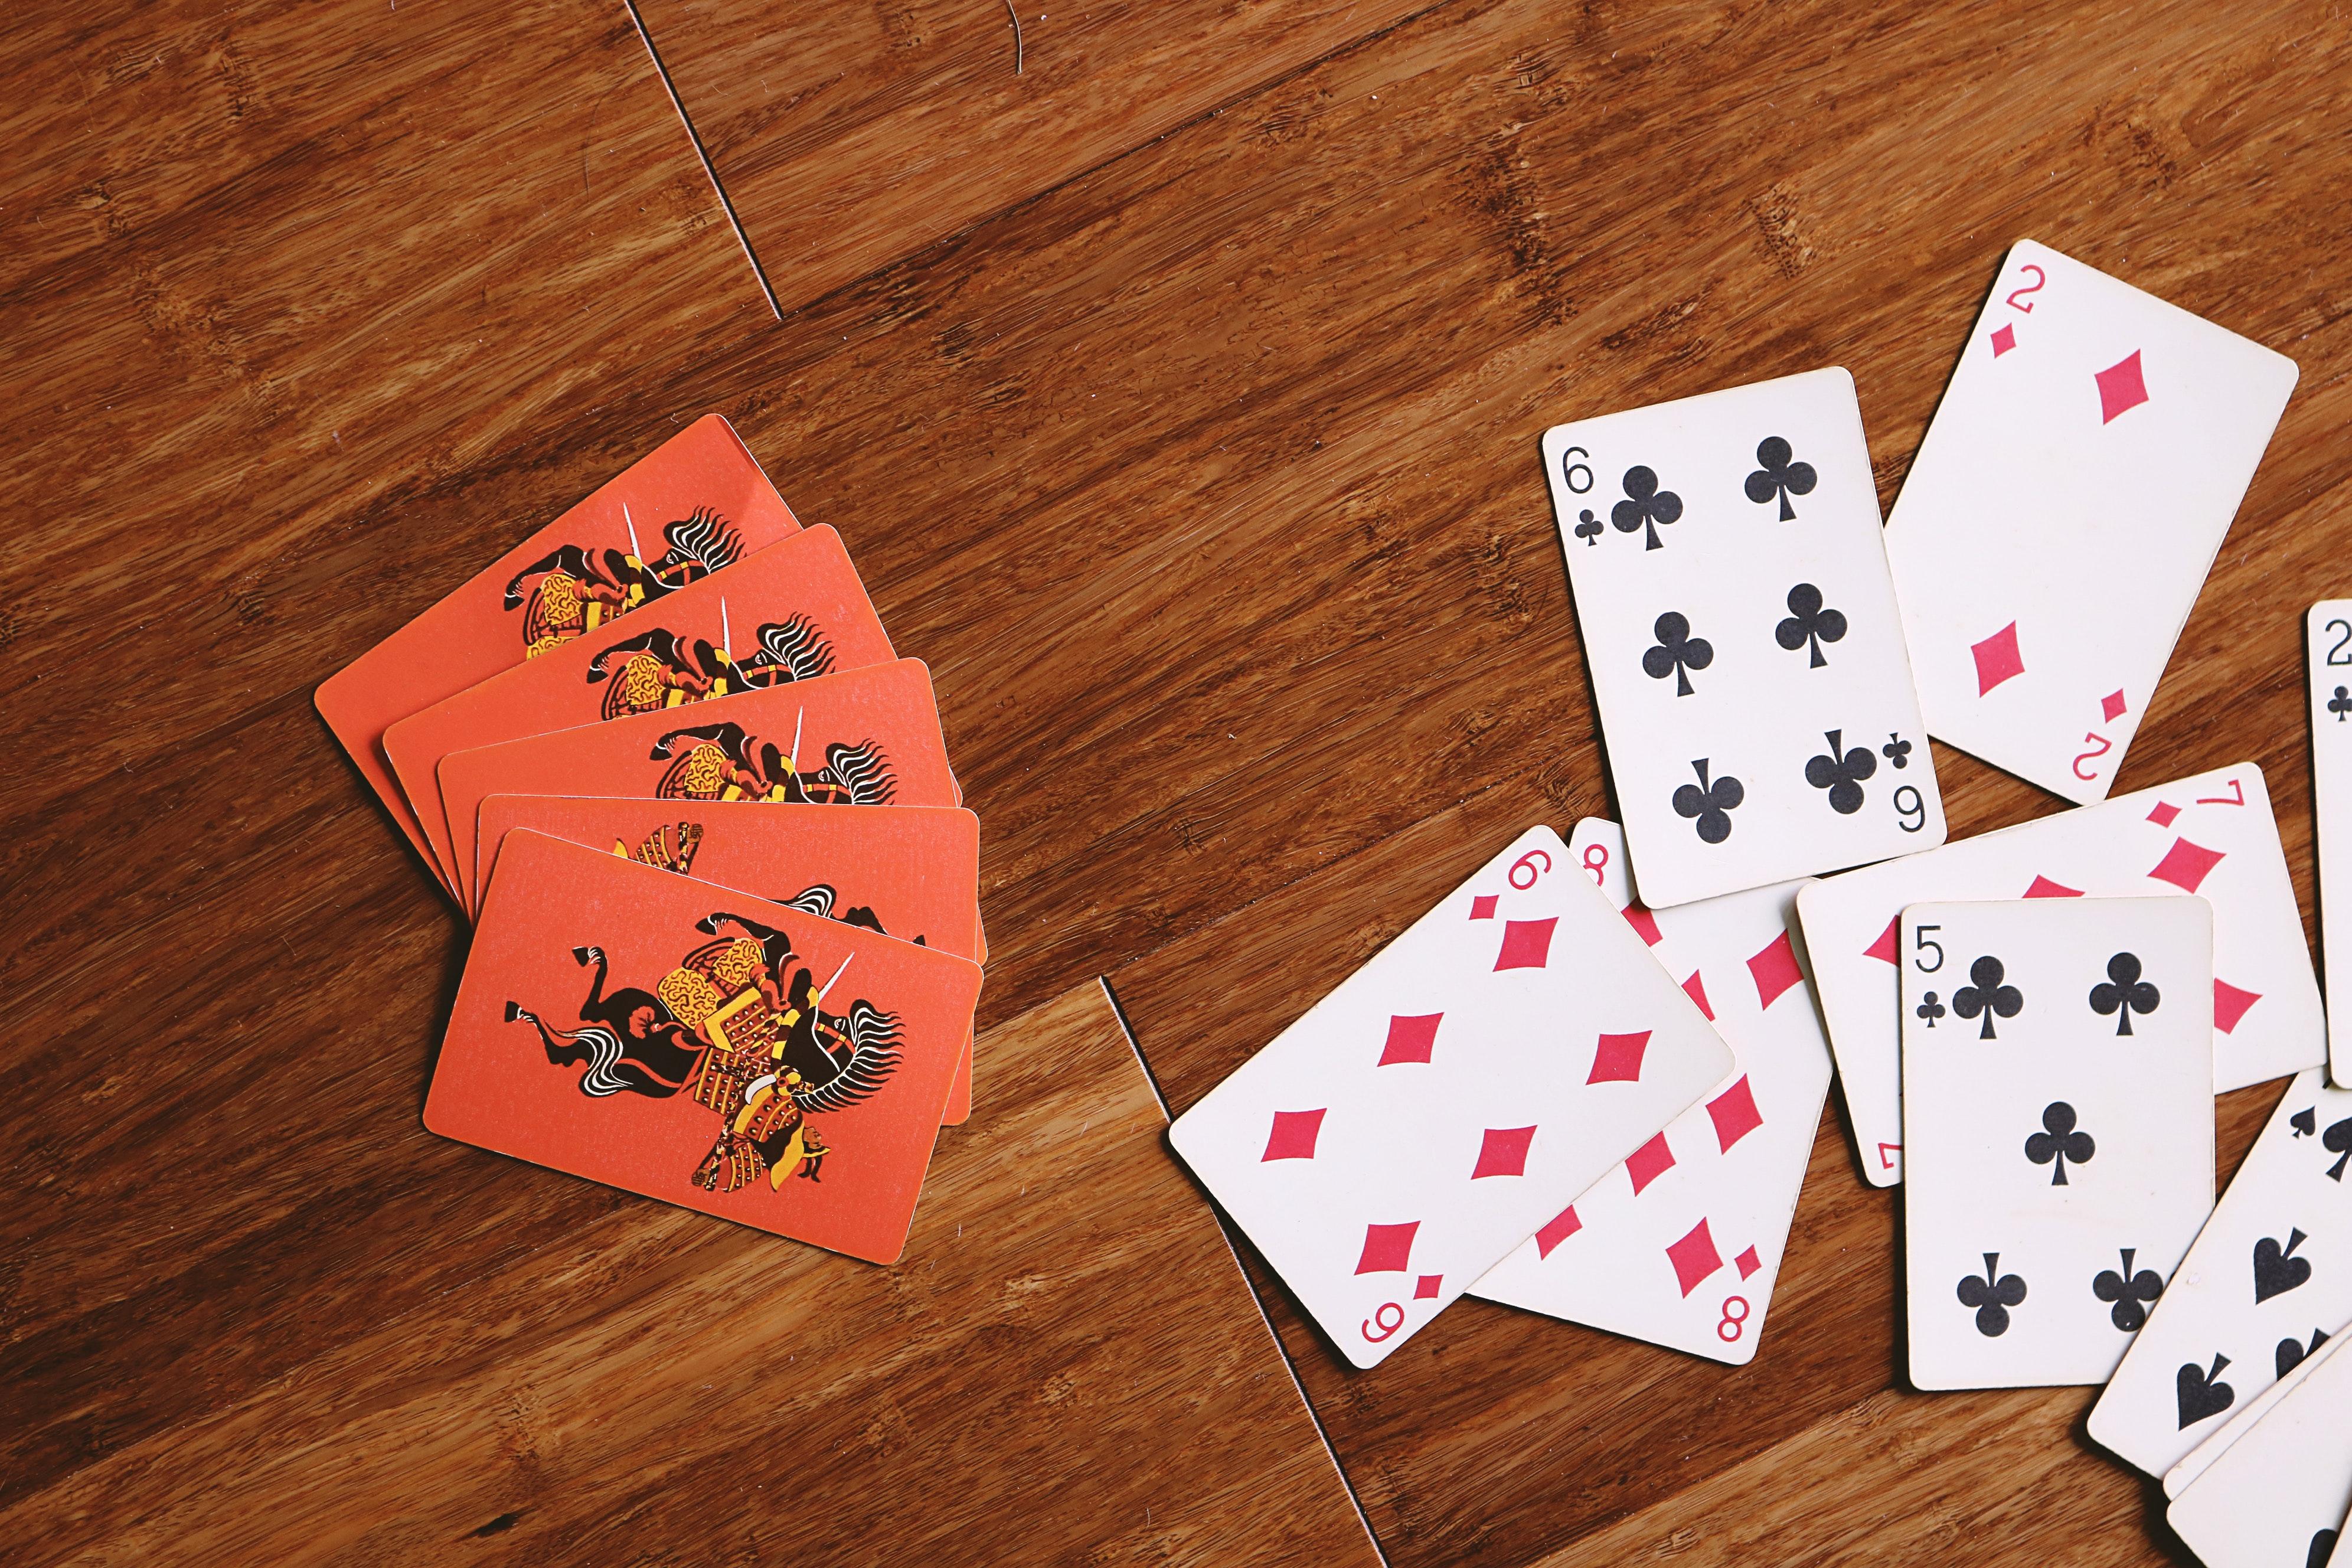 Темы играть бесплатно карты казино онлайне скачать